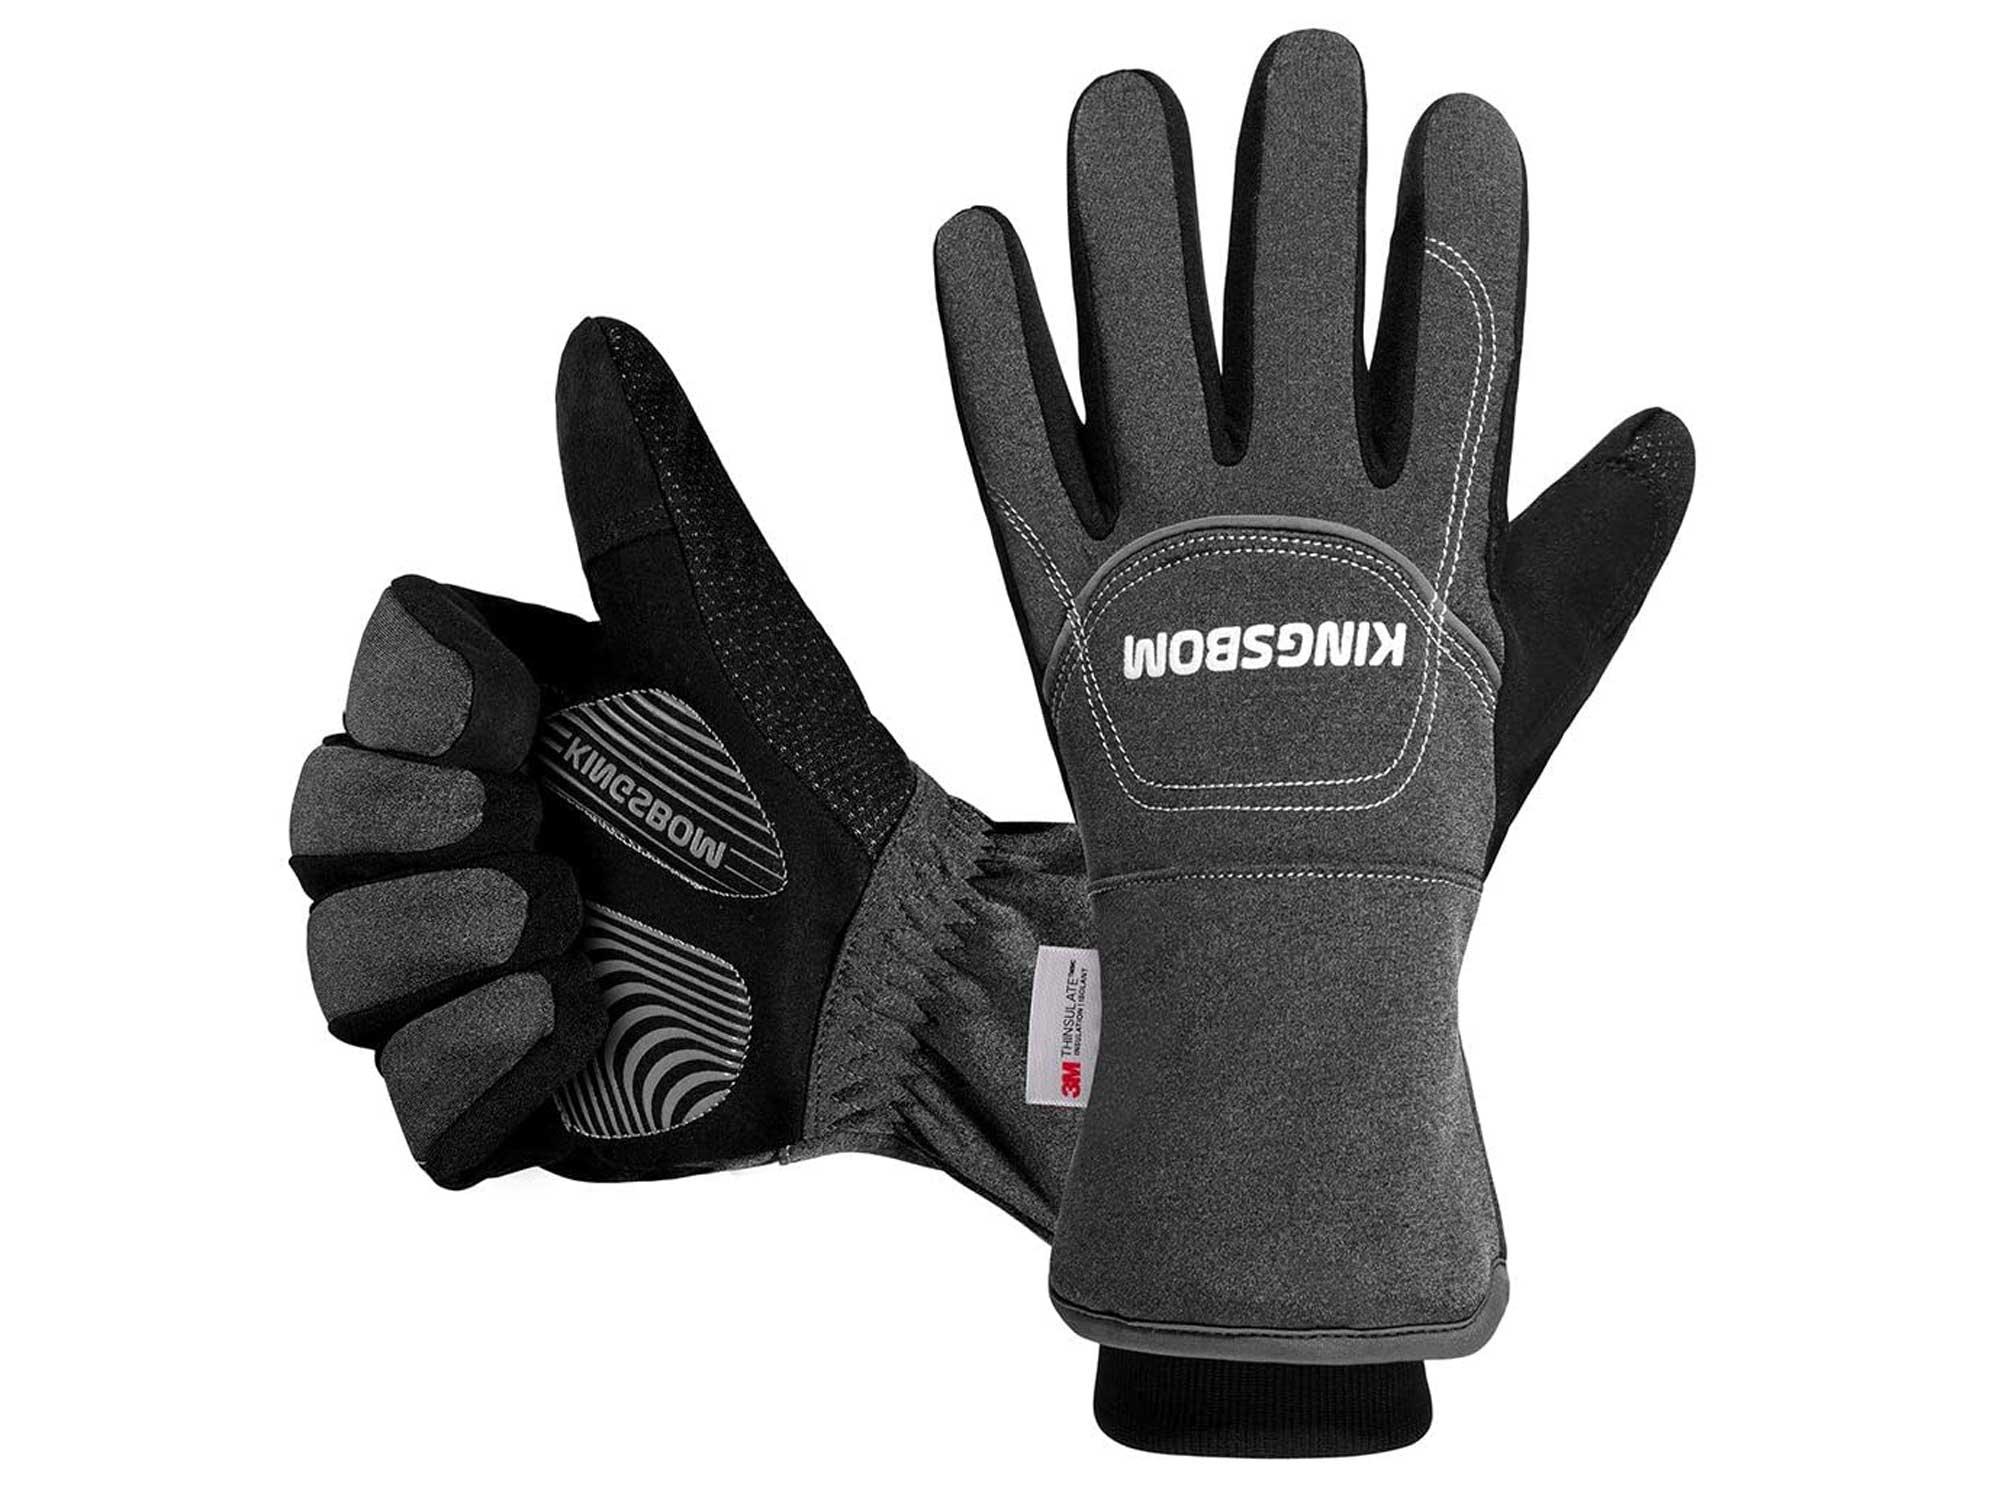 KINGSBOM -40℉ Waterproof & Windproof Thermal Gloves